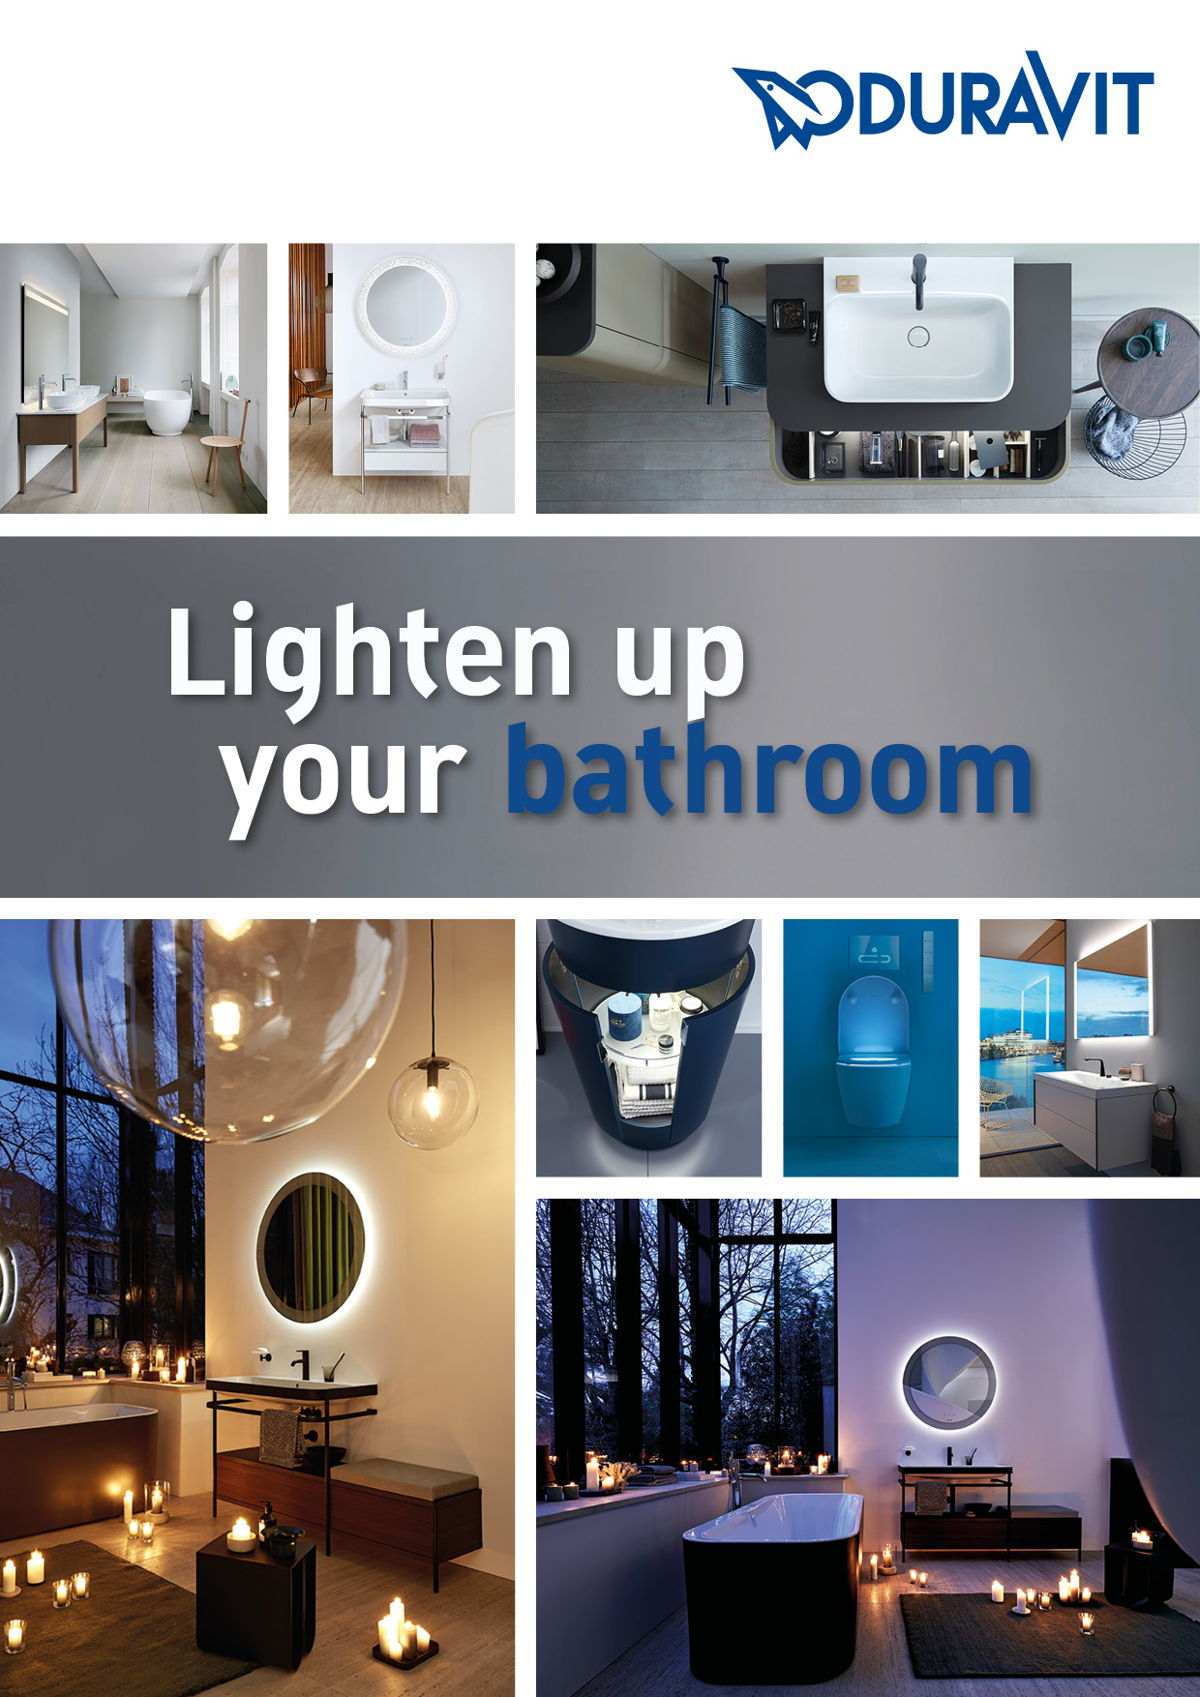 Moodboard_Lighten_up_your_bathroom